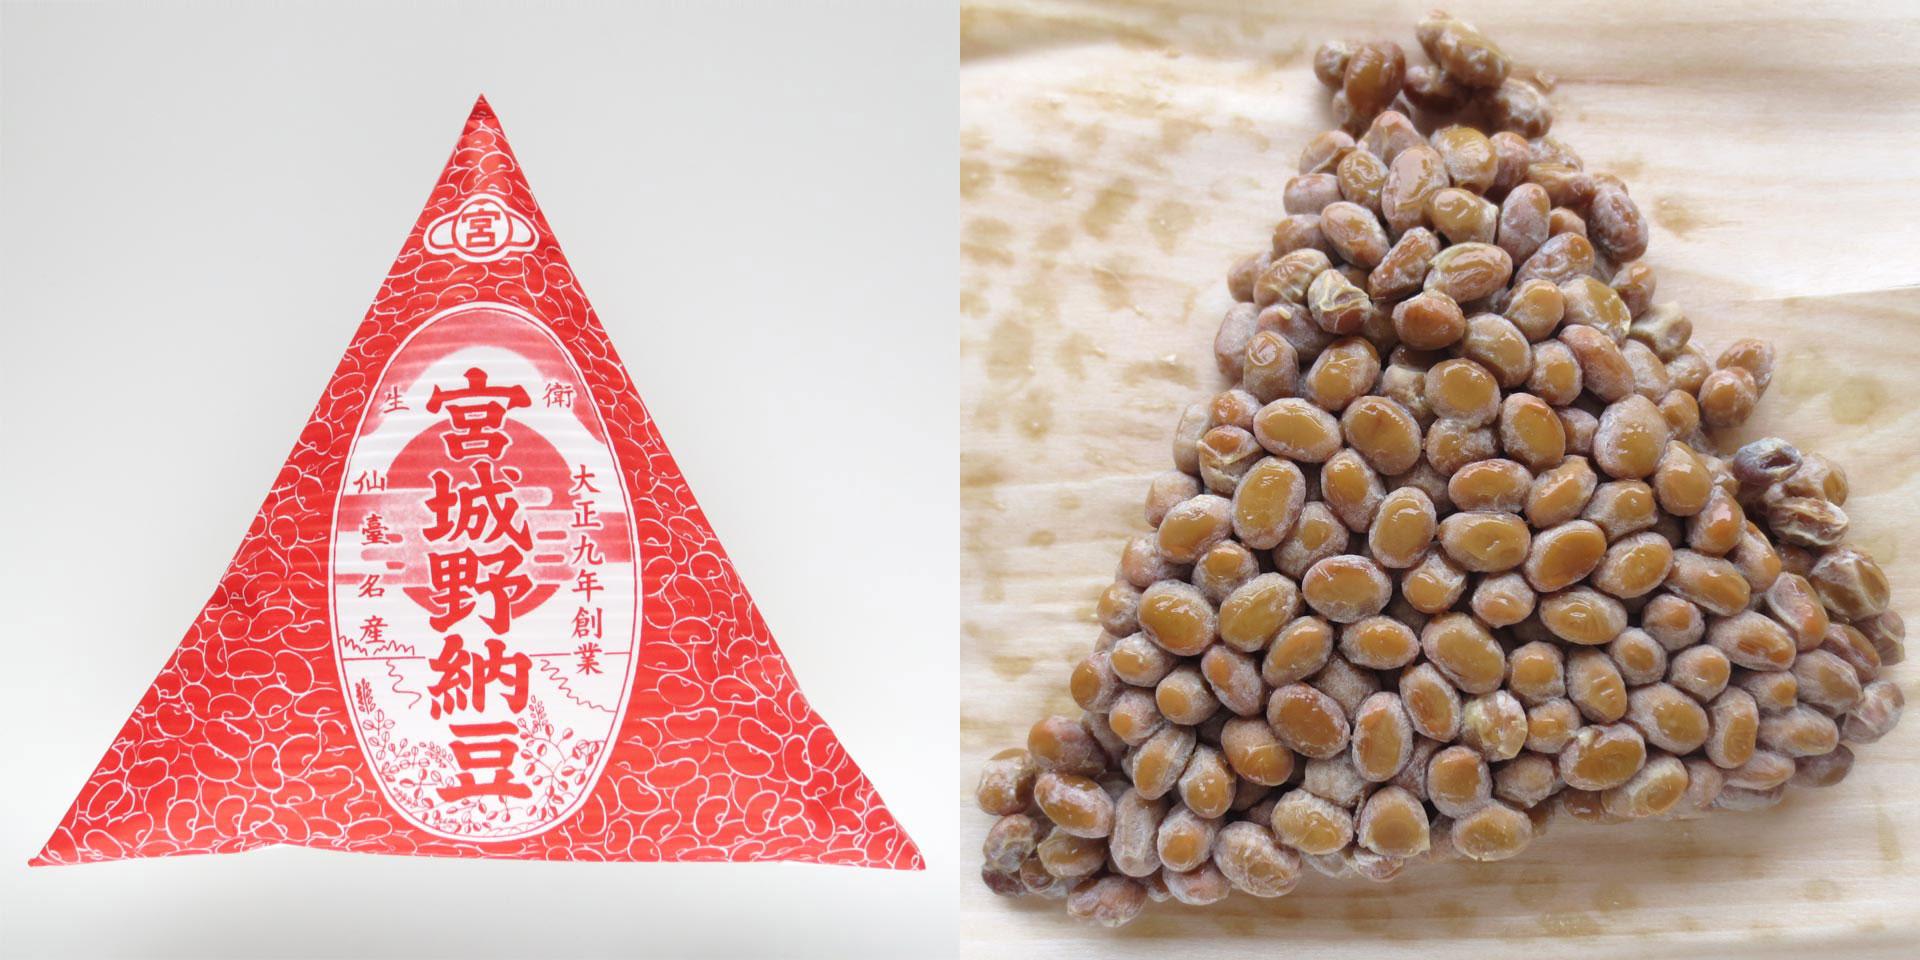 宮城野納豆製造所「宮城野納豆」